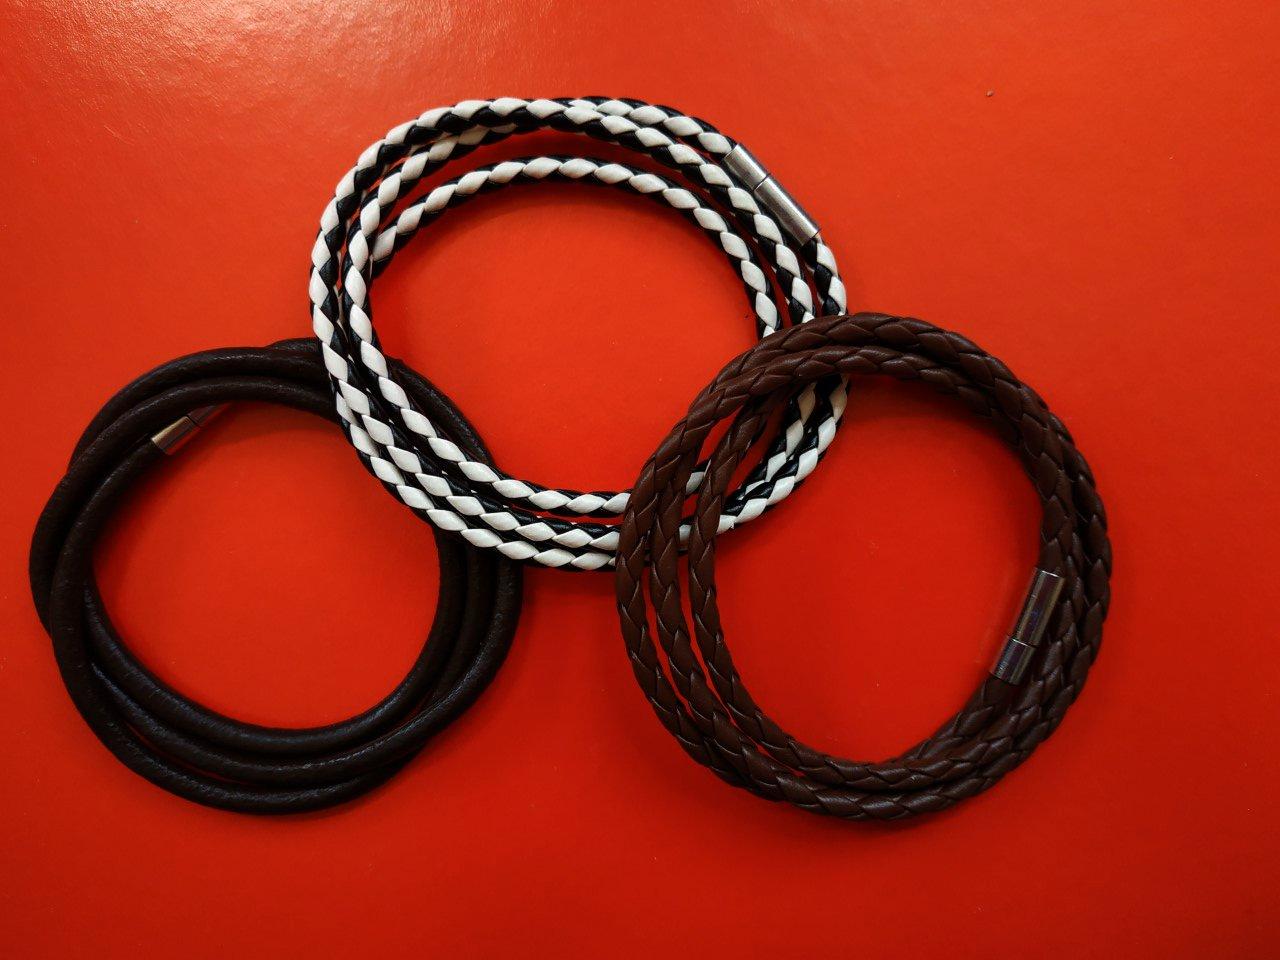 3 Pcs Fashion Unisex Leather Bracelet Surf Bangle Wrap Adjustable Bracelet